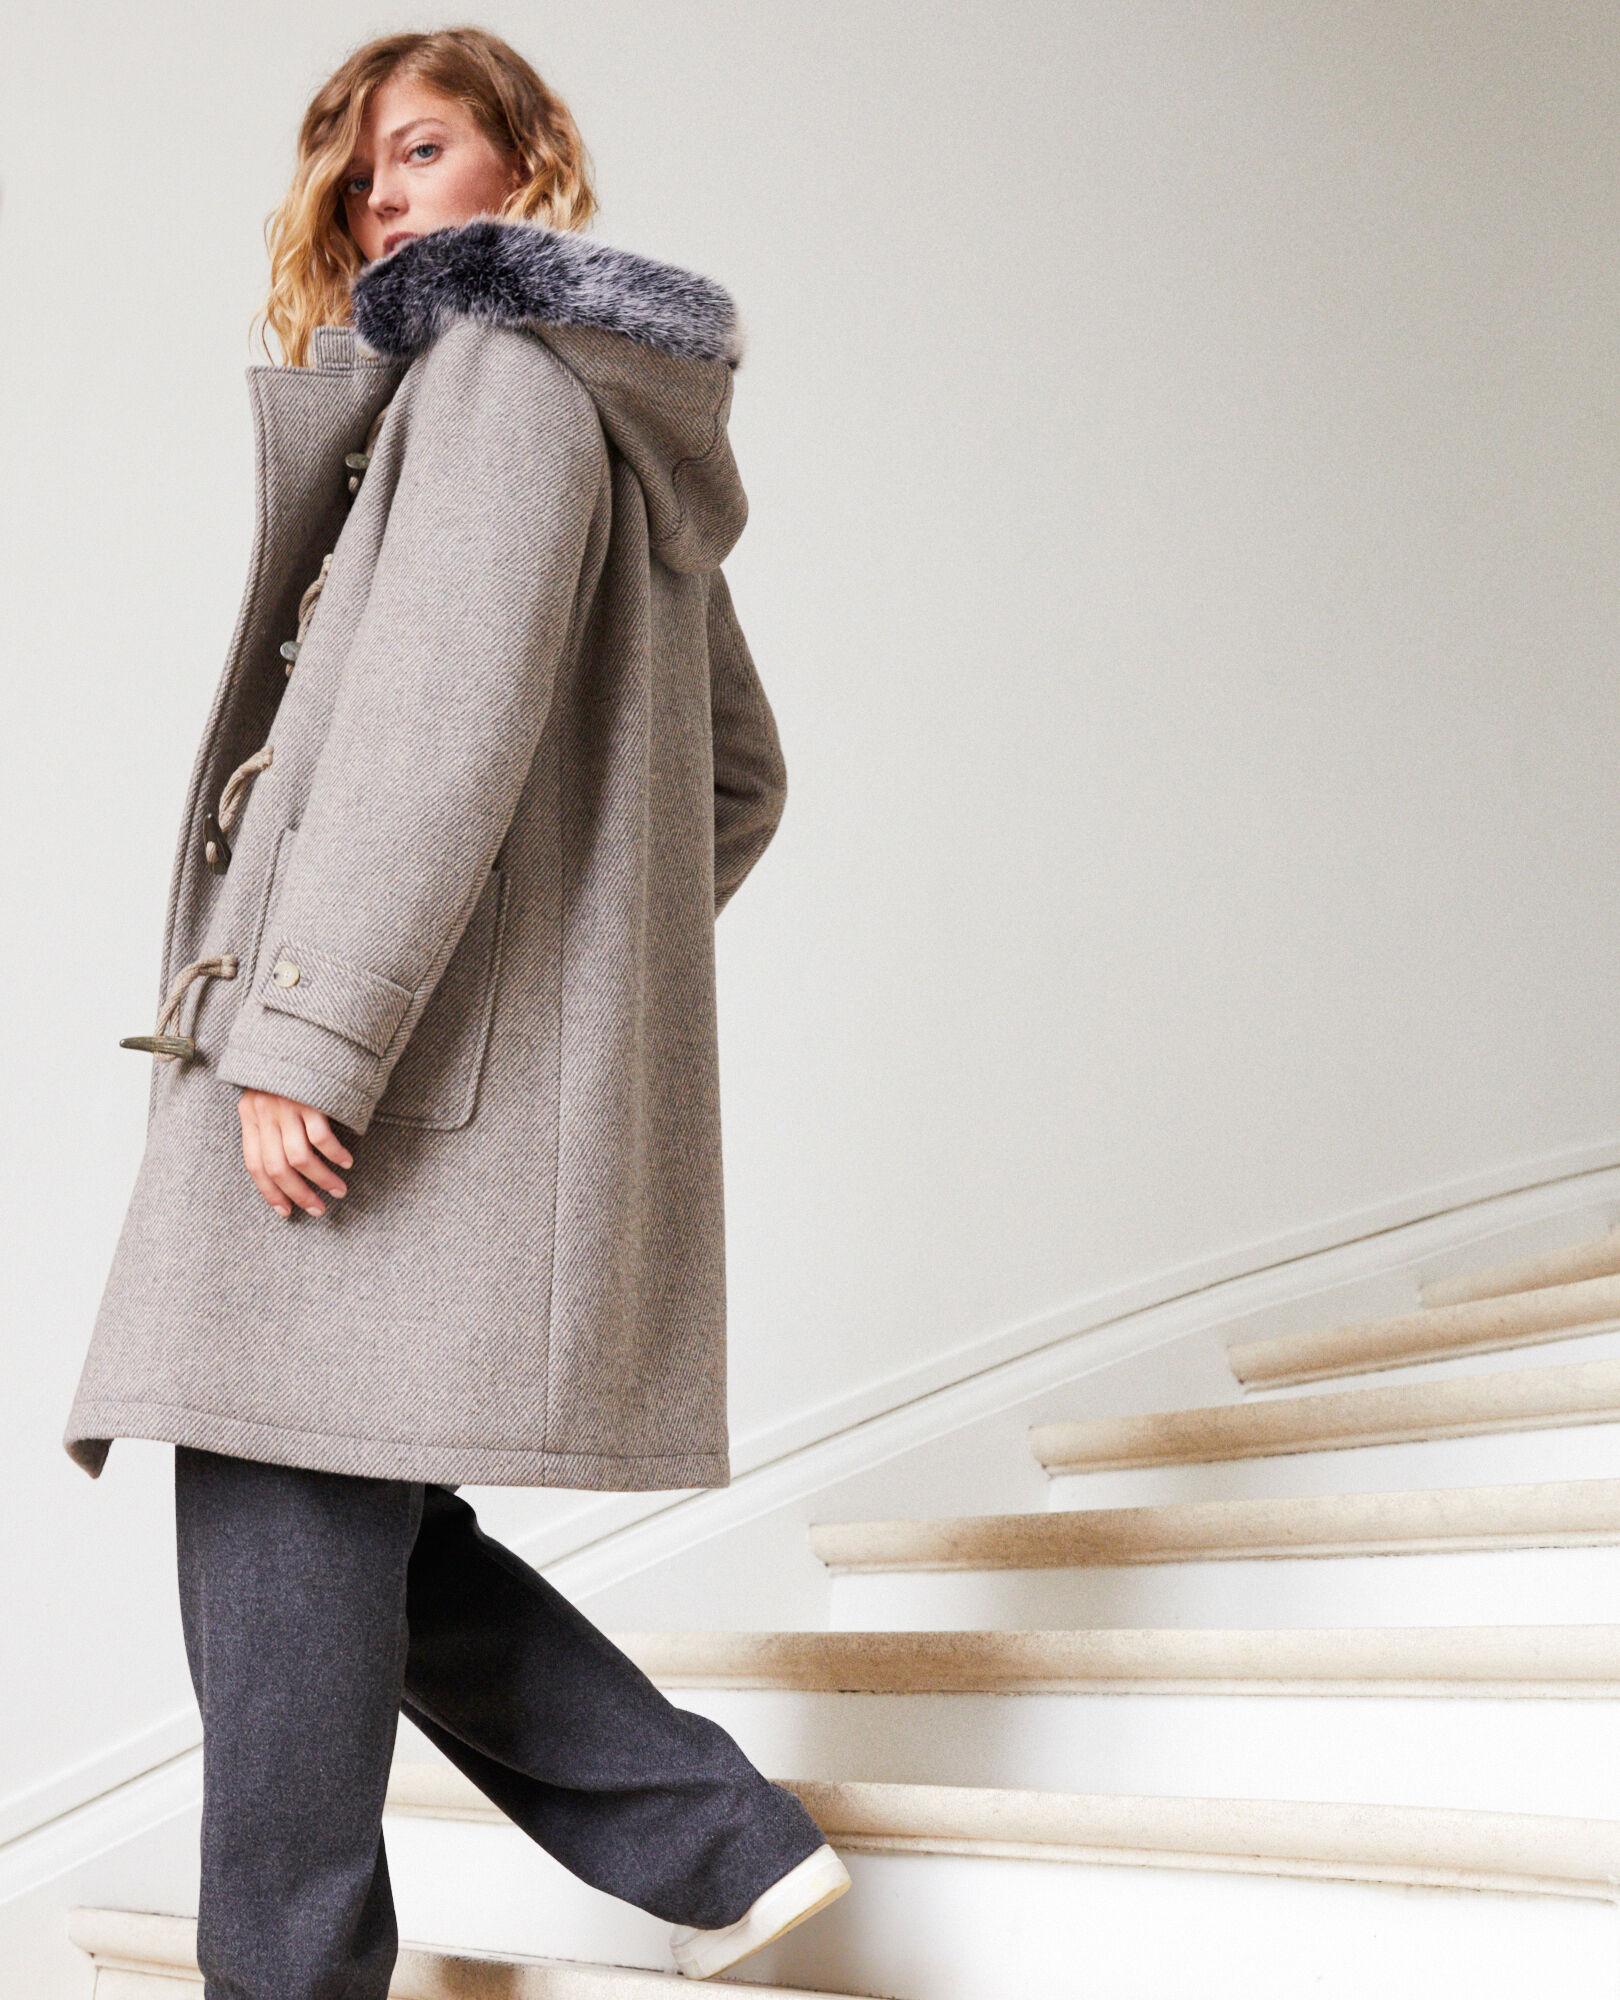 veste et manteau comptoir des le femme 87b7801f90 cotonniers kOw8n0P